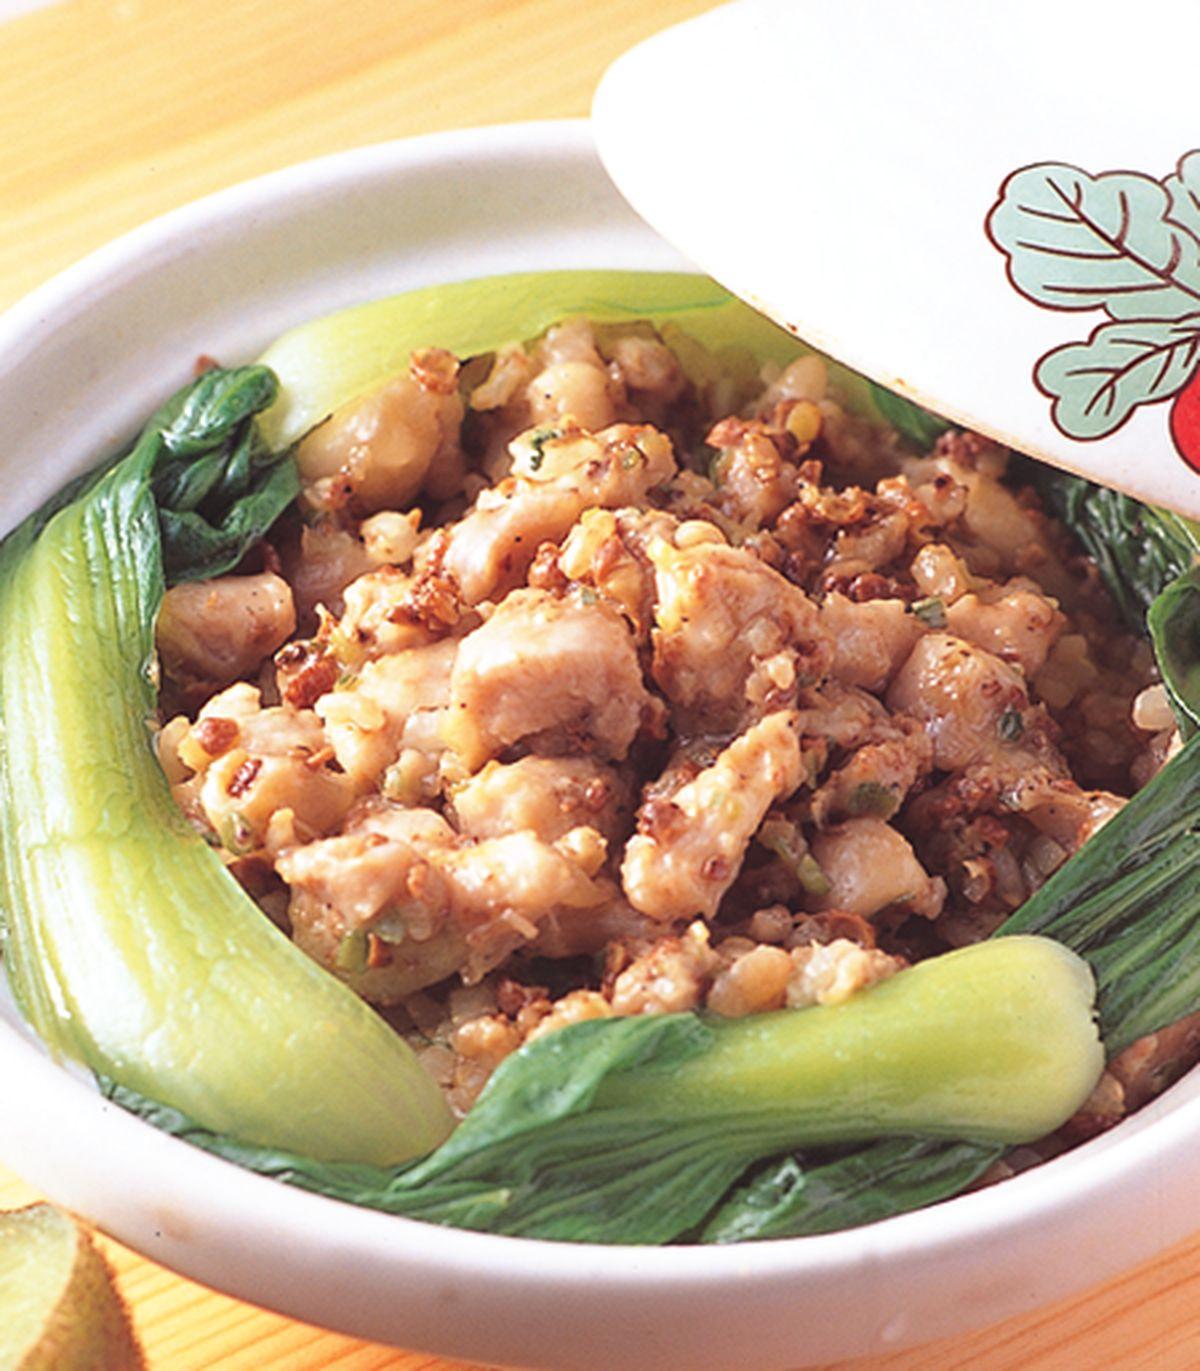 食譜:椒麻雞丁煲飯